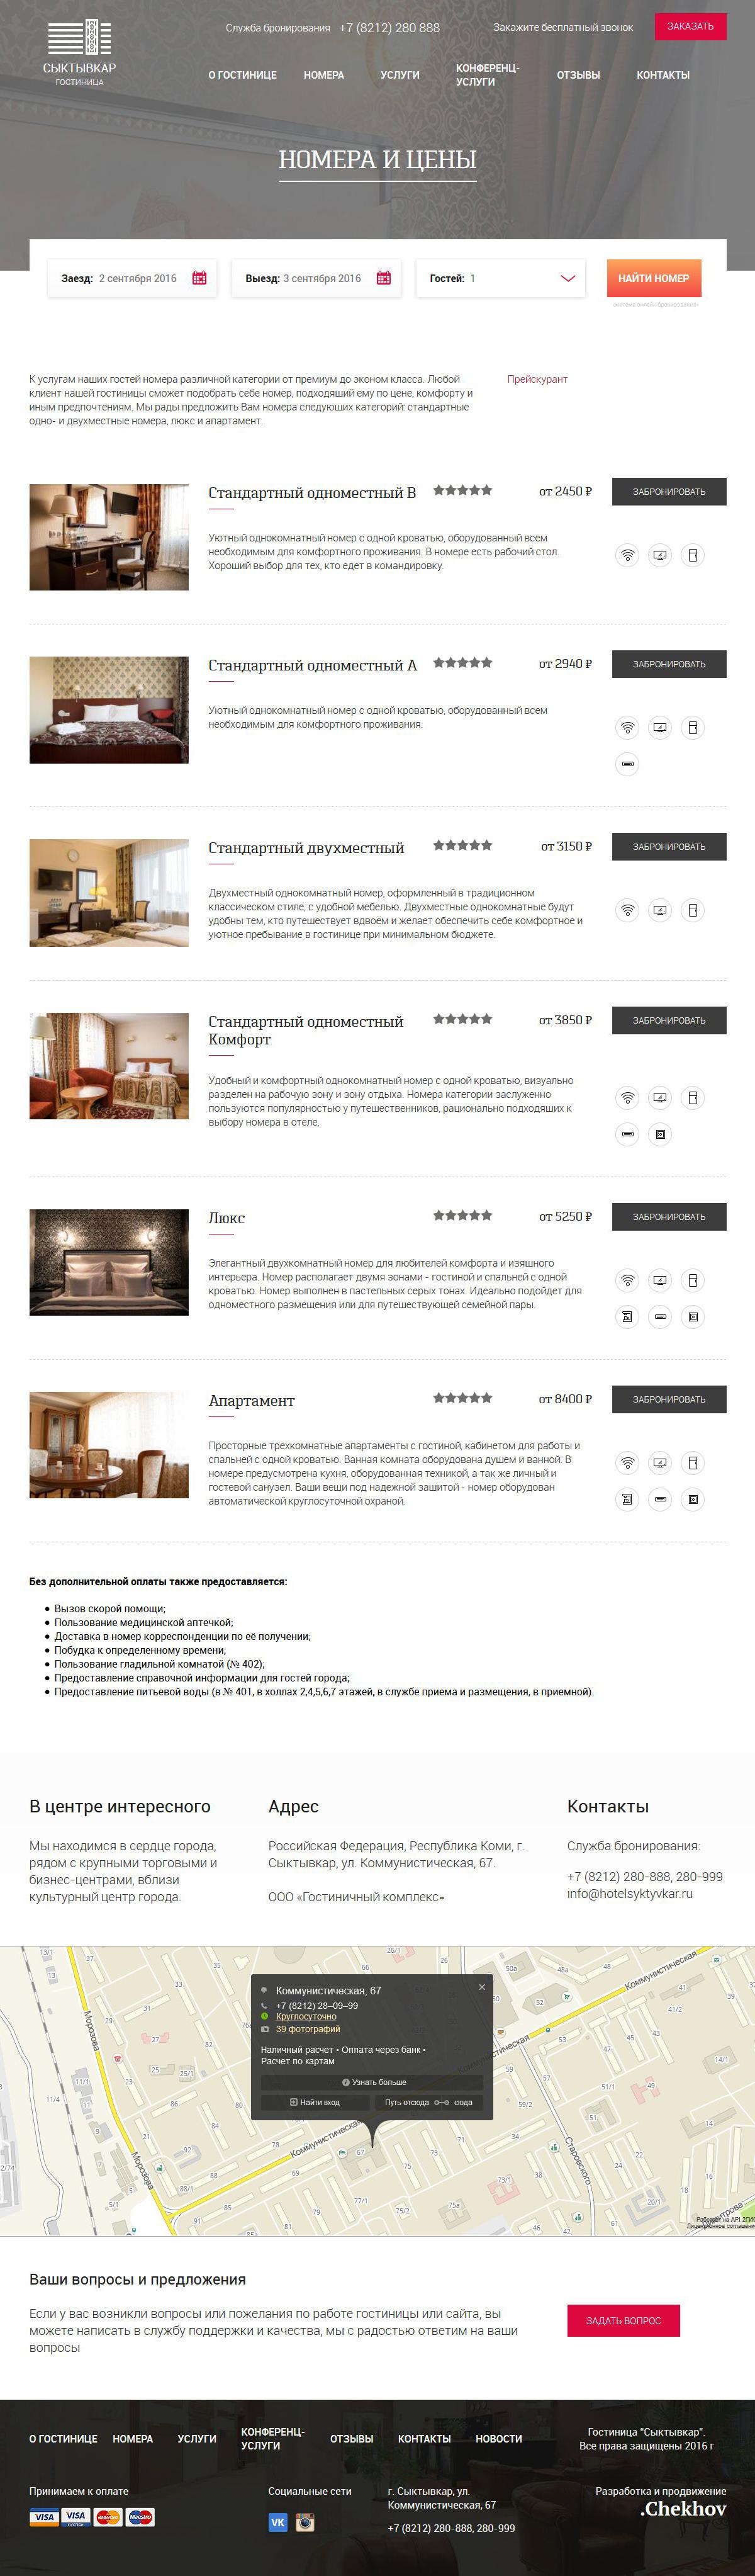 hotel hostel гостиница